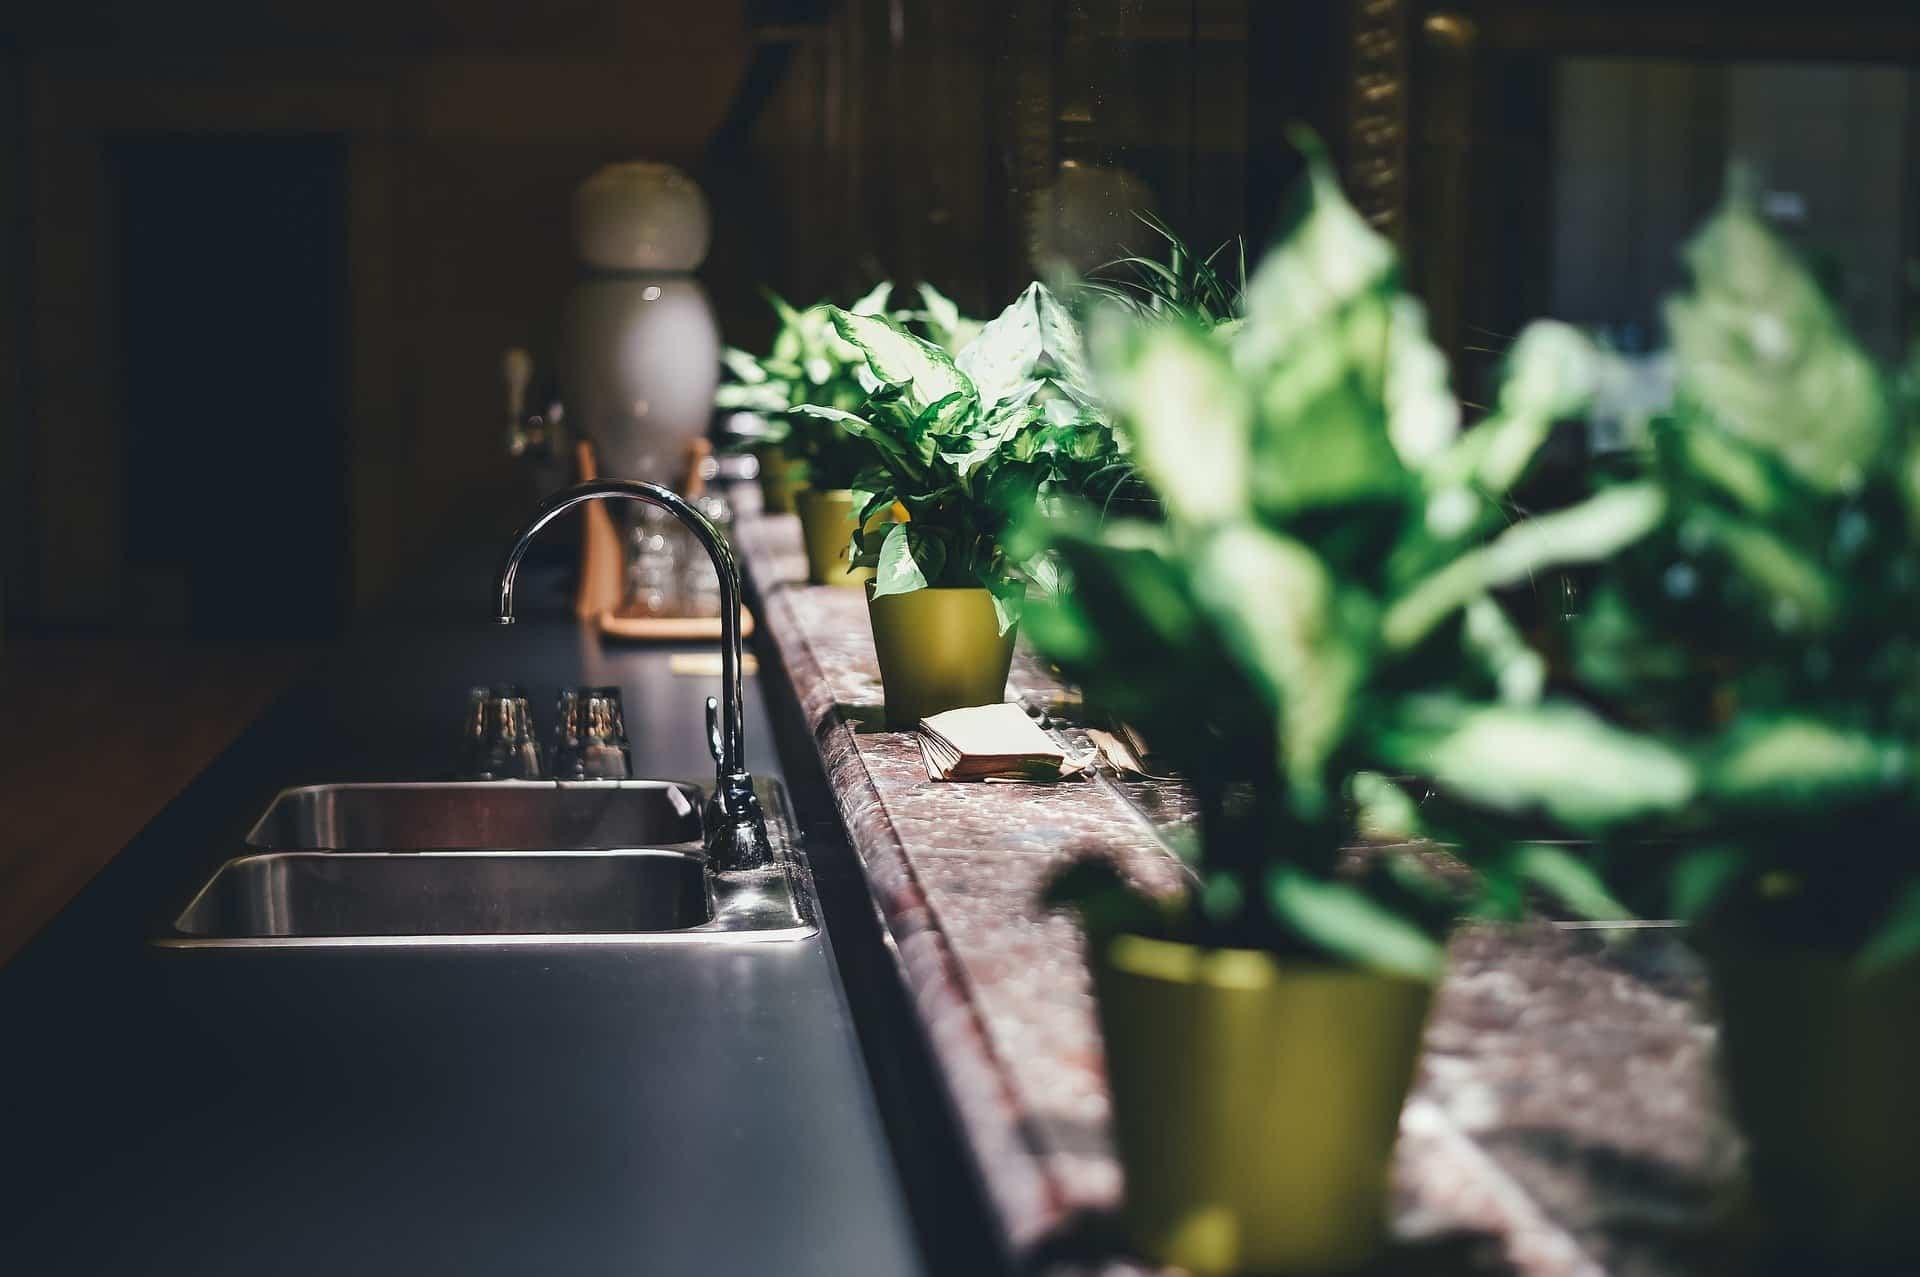 desinfectar cocina del coronavirus